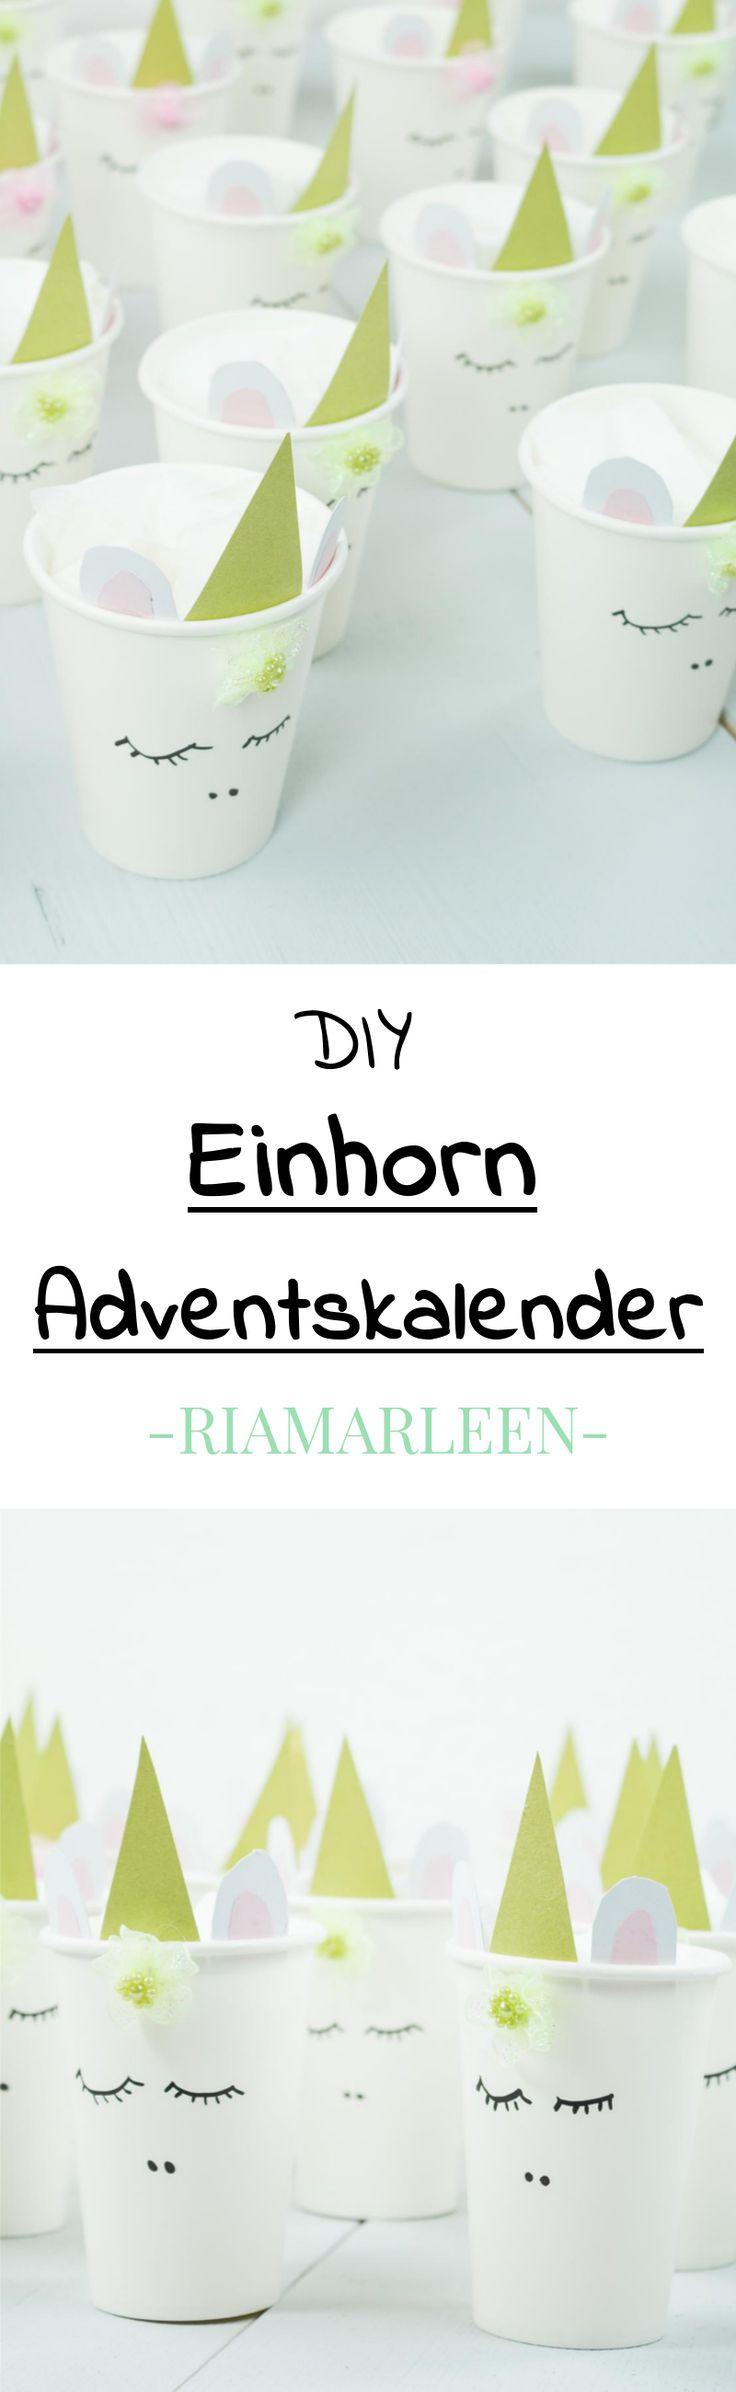 DIY Einhorn Adventskalender basteln + 30 Ideen, wie ihr den Adventskalender befüllen könnt. Klicke auf das Bild für mehr Informationen und ich zeige dir ausführlich, wie du diesen schönen Adventskalender einfach selber machen kannst... DIY Weihnachten, DIY Einhorn